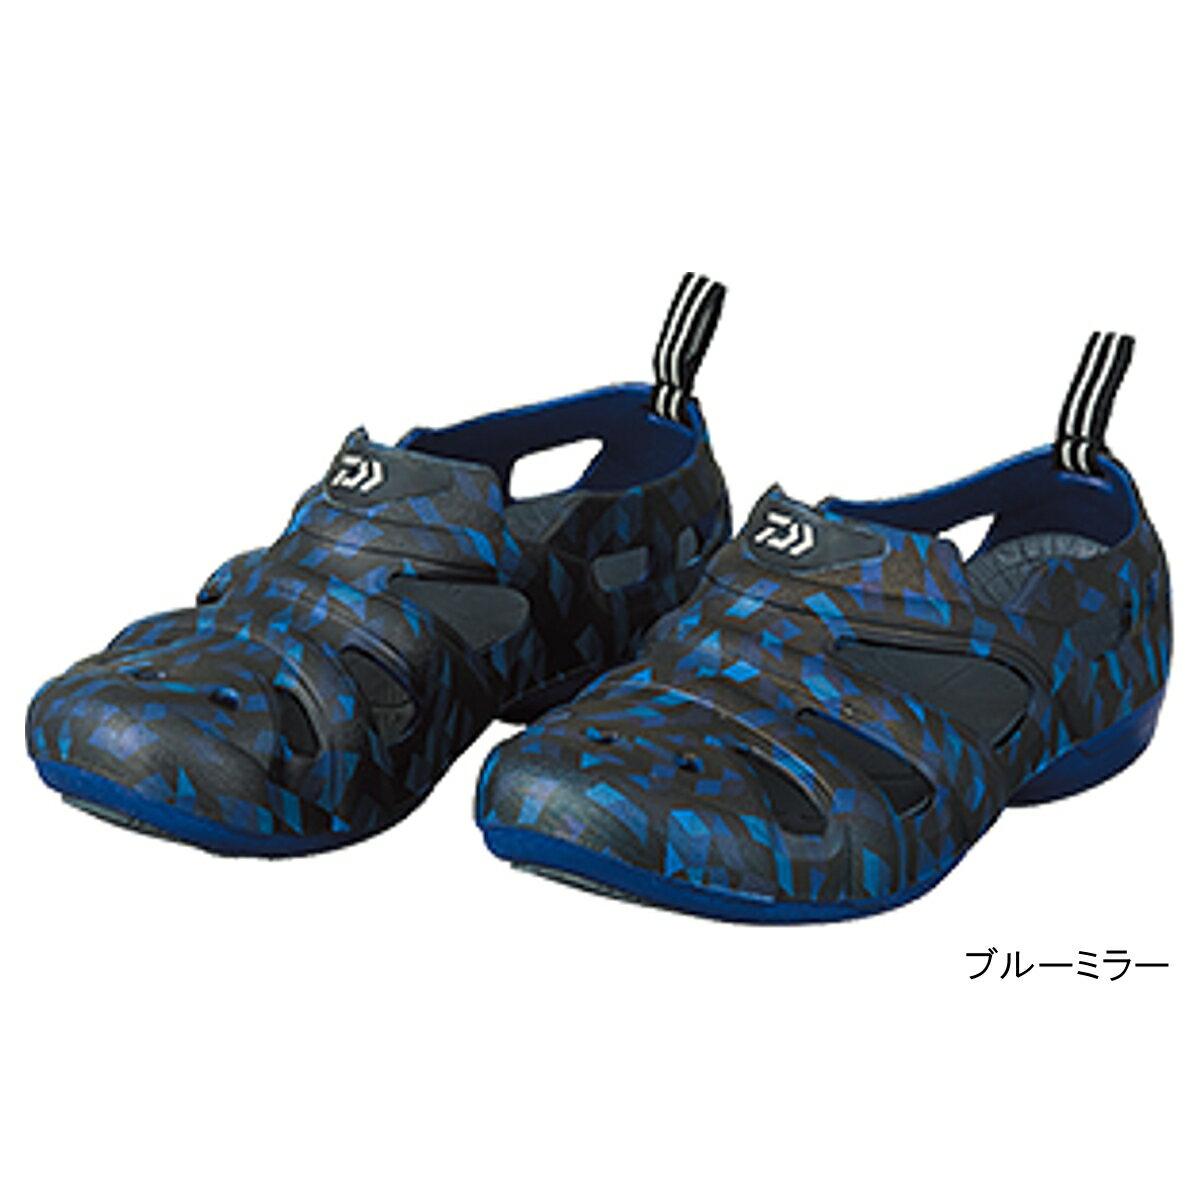 ダイワ ラジアルデッキフィットサンダル DL-1413 27.0cm ブルーミラー(東日本店)